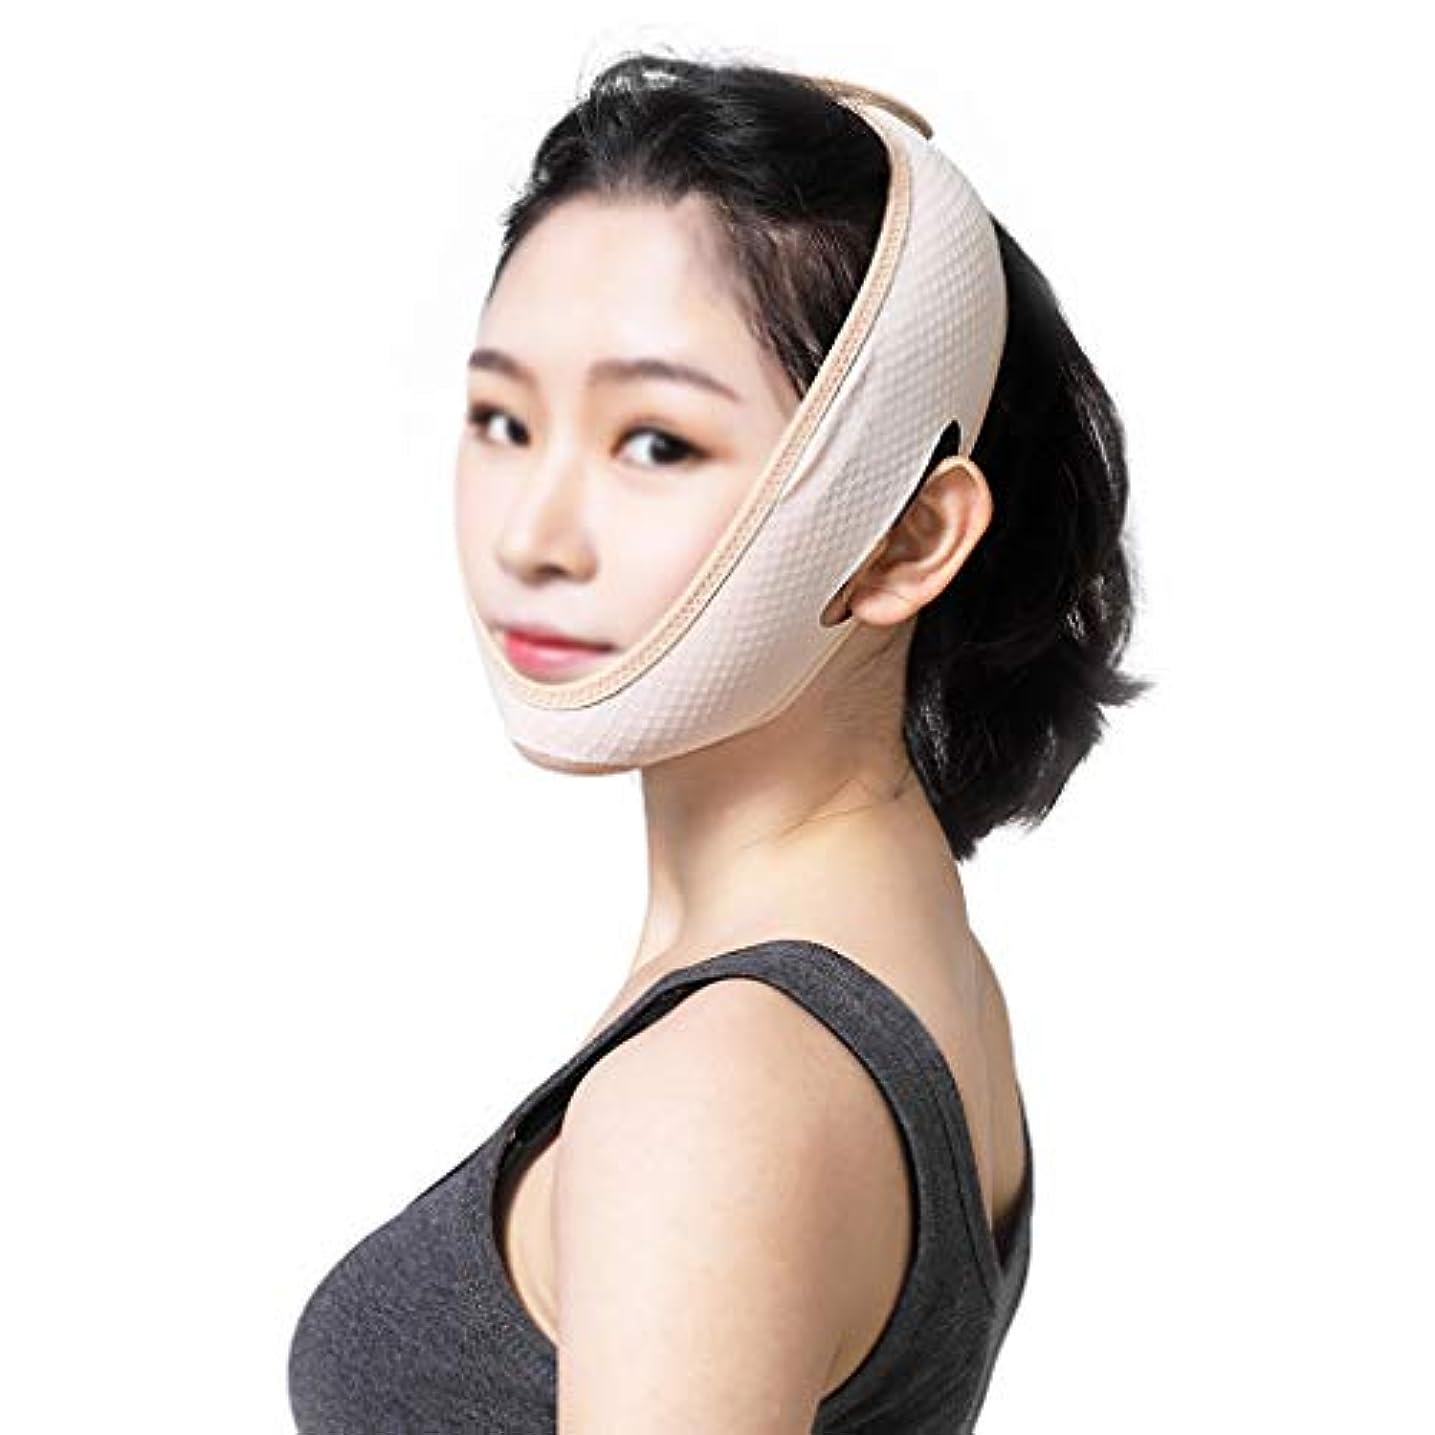 震え区別起こりやすい医療美容ライン彫刻術後回復マスクvフェイスリフティングタイトなヘッドギアあごあご包帯薄い顔楽器アーティファクト